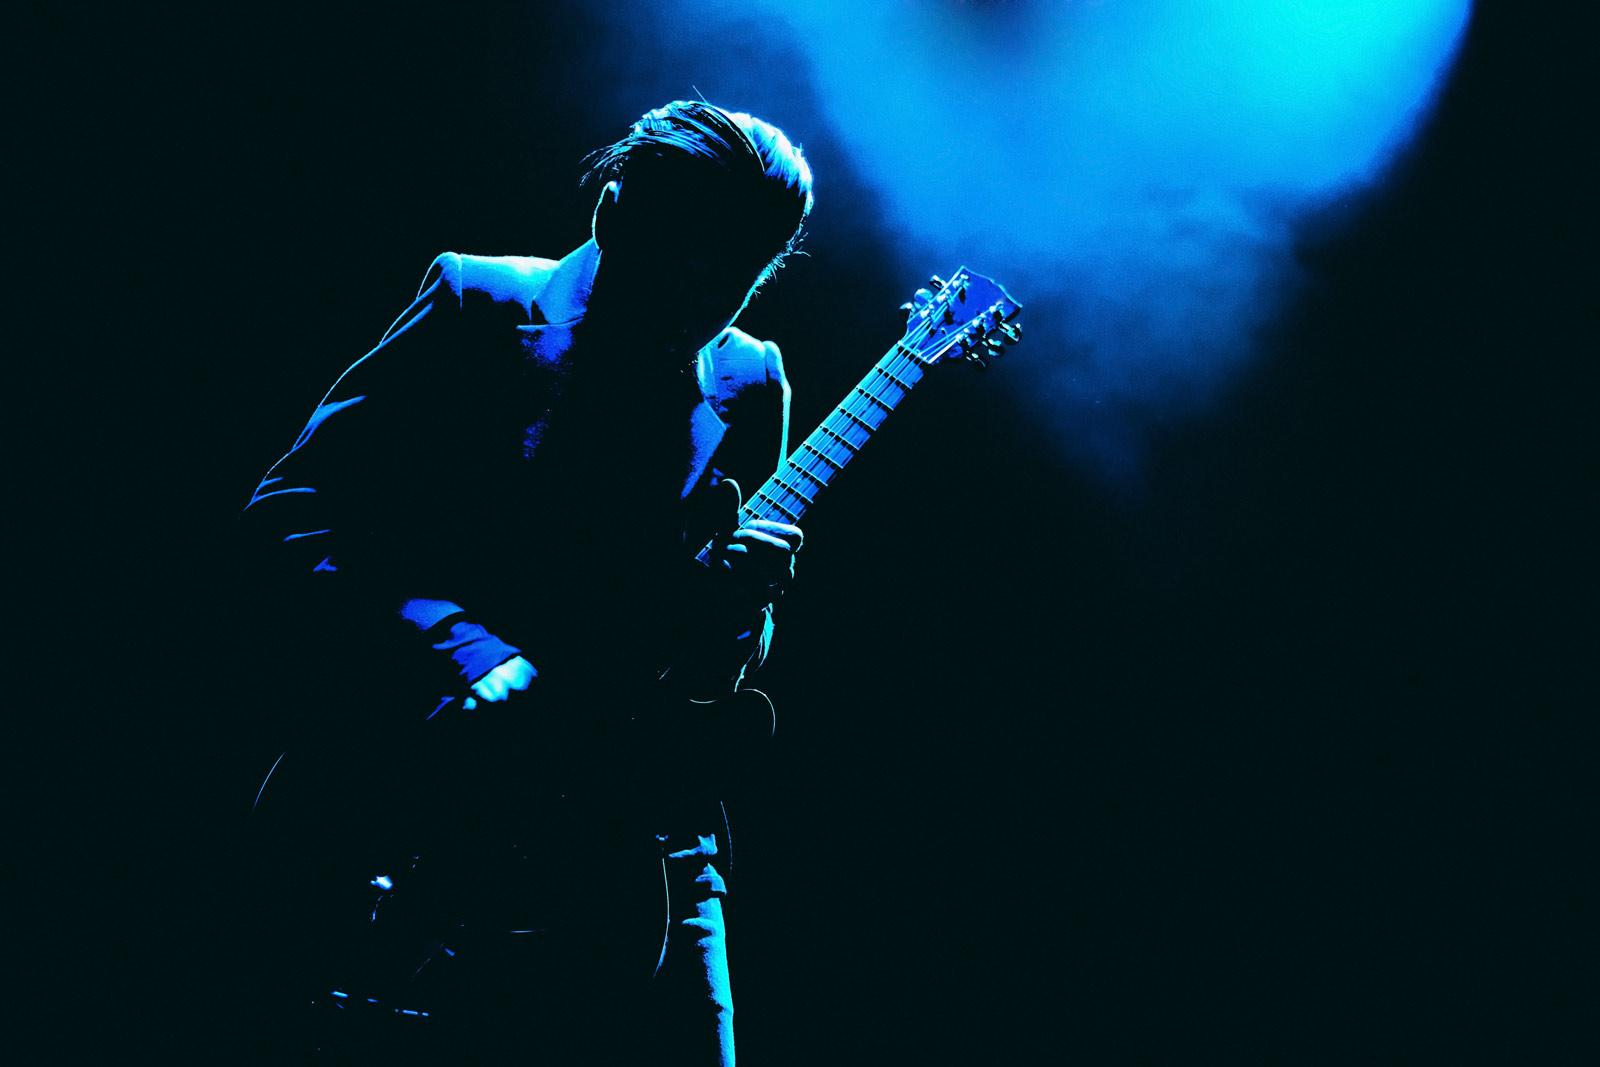 Gitar-musikk-insta-2998.jpg